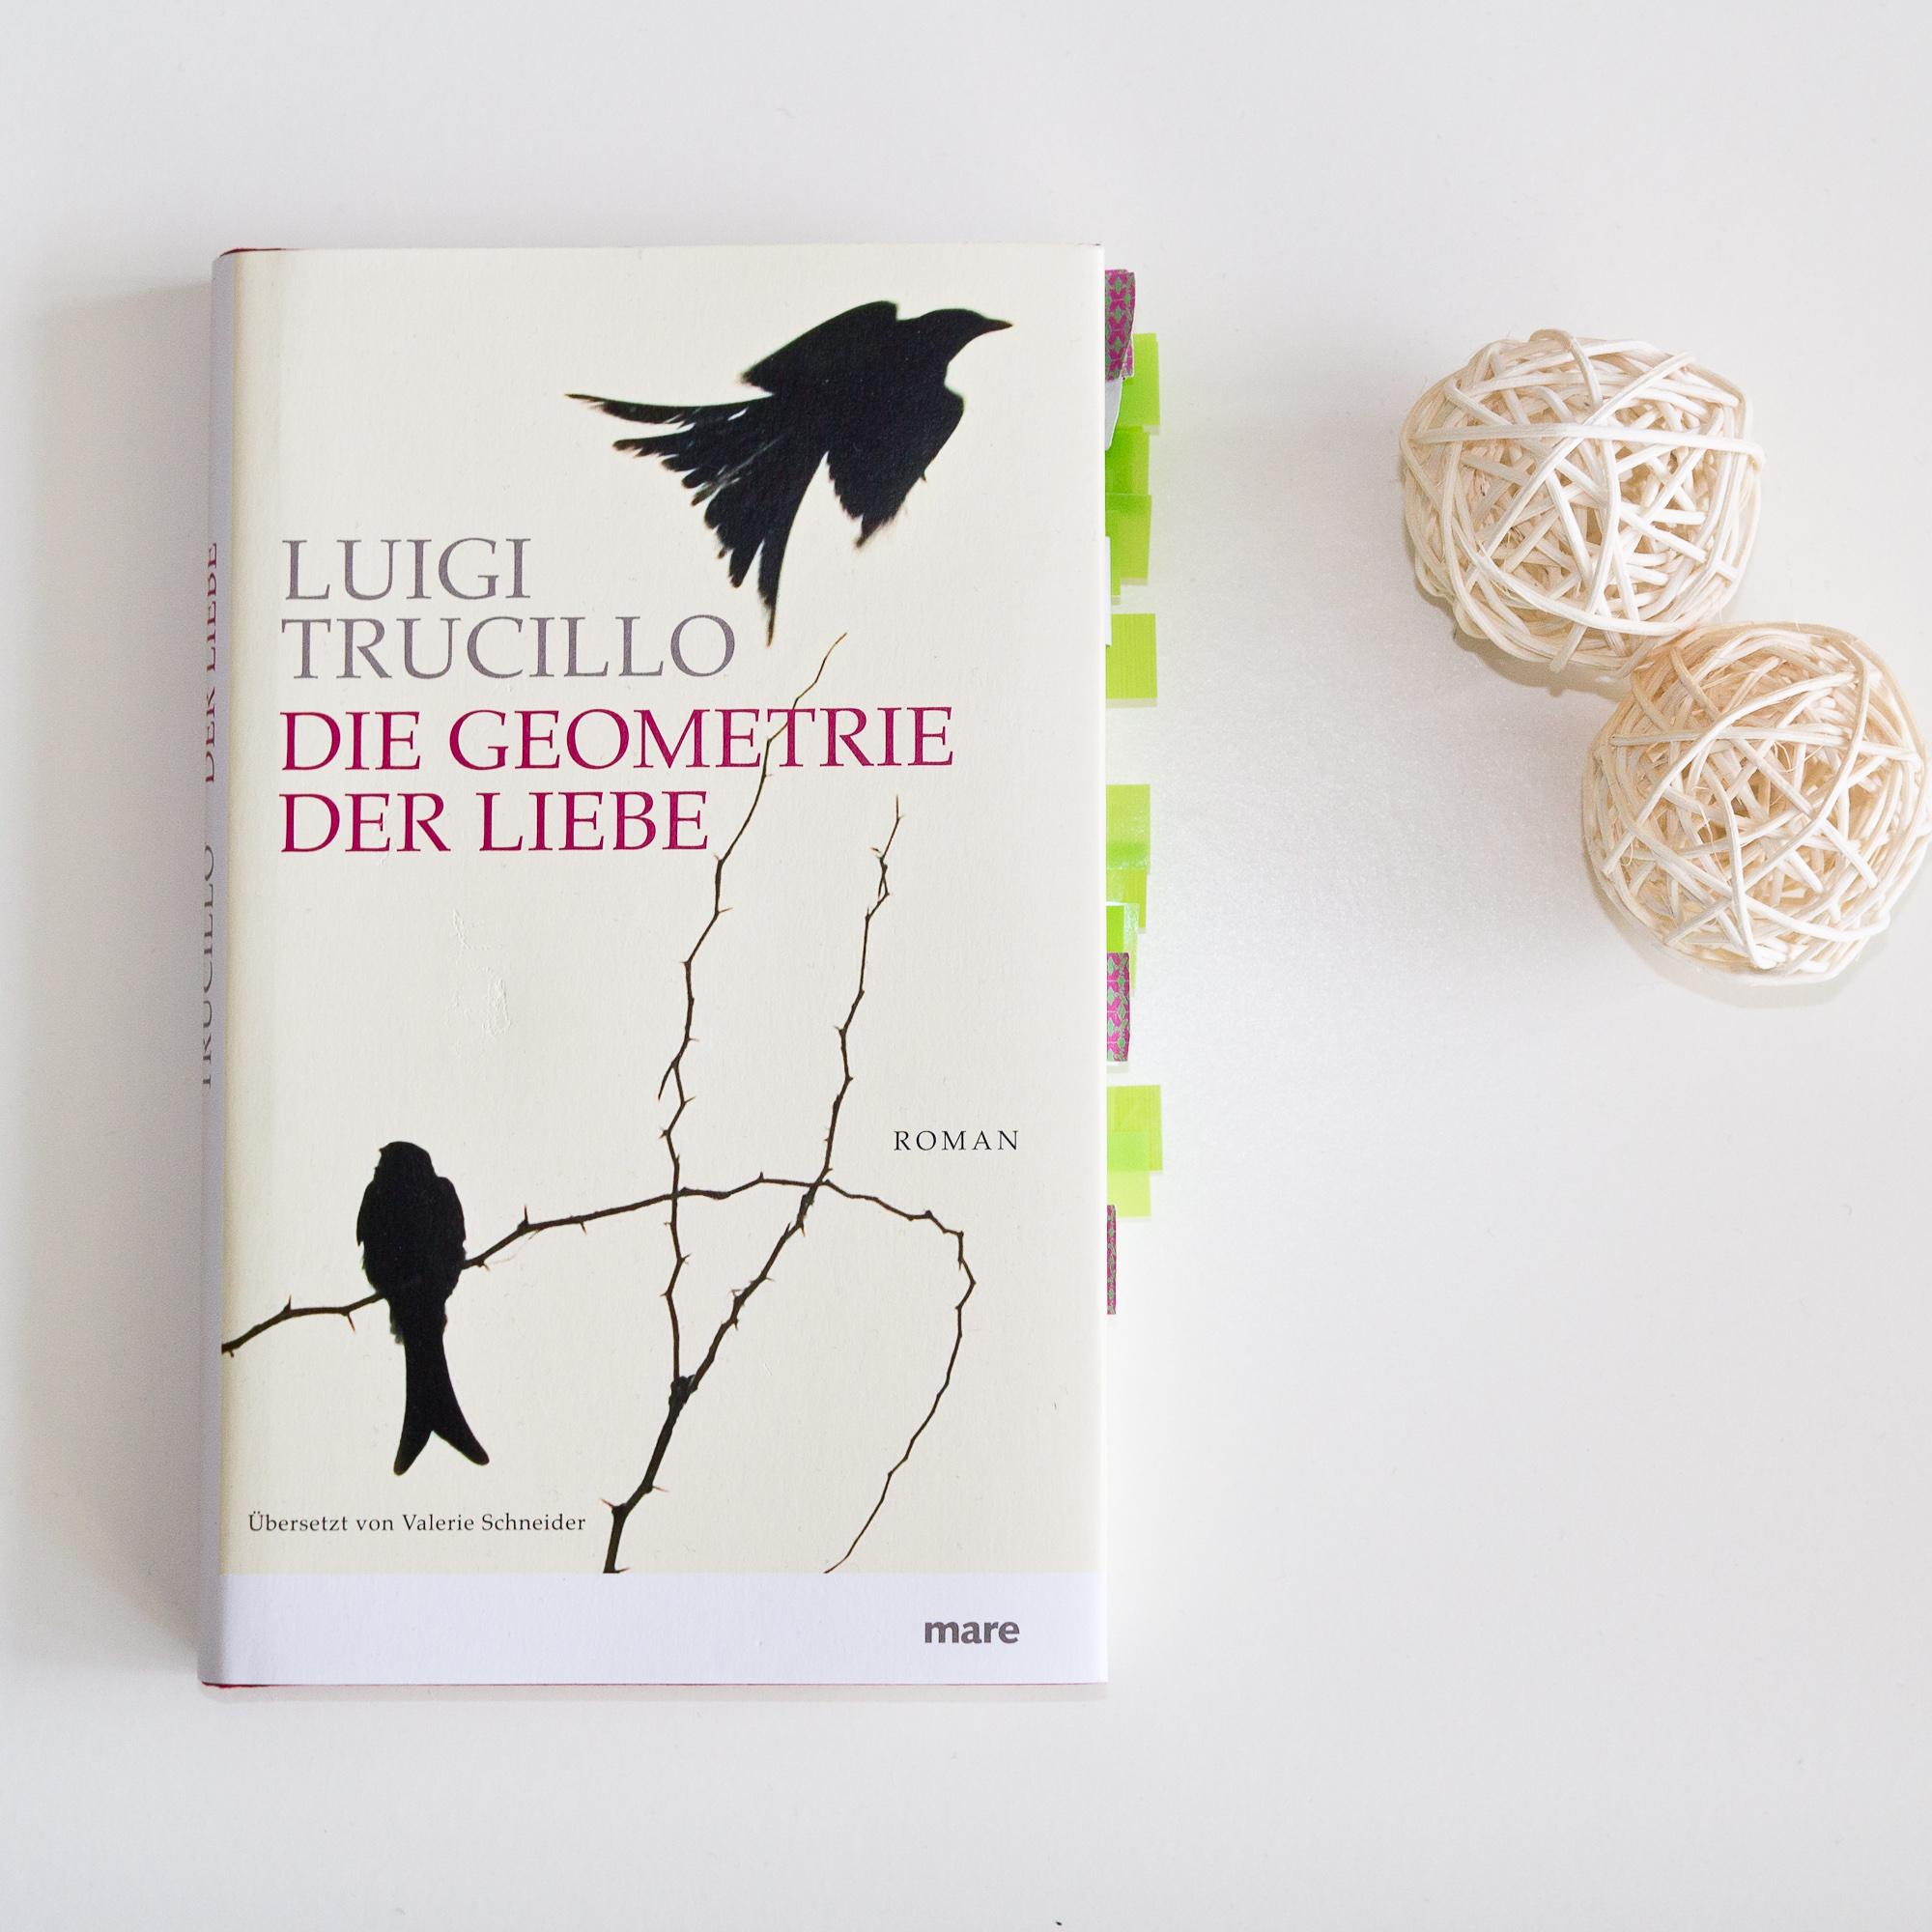 Die Geometrie der Liebe von Luigi Trucillo